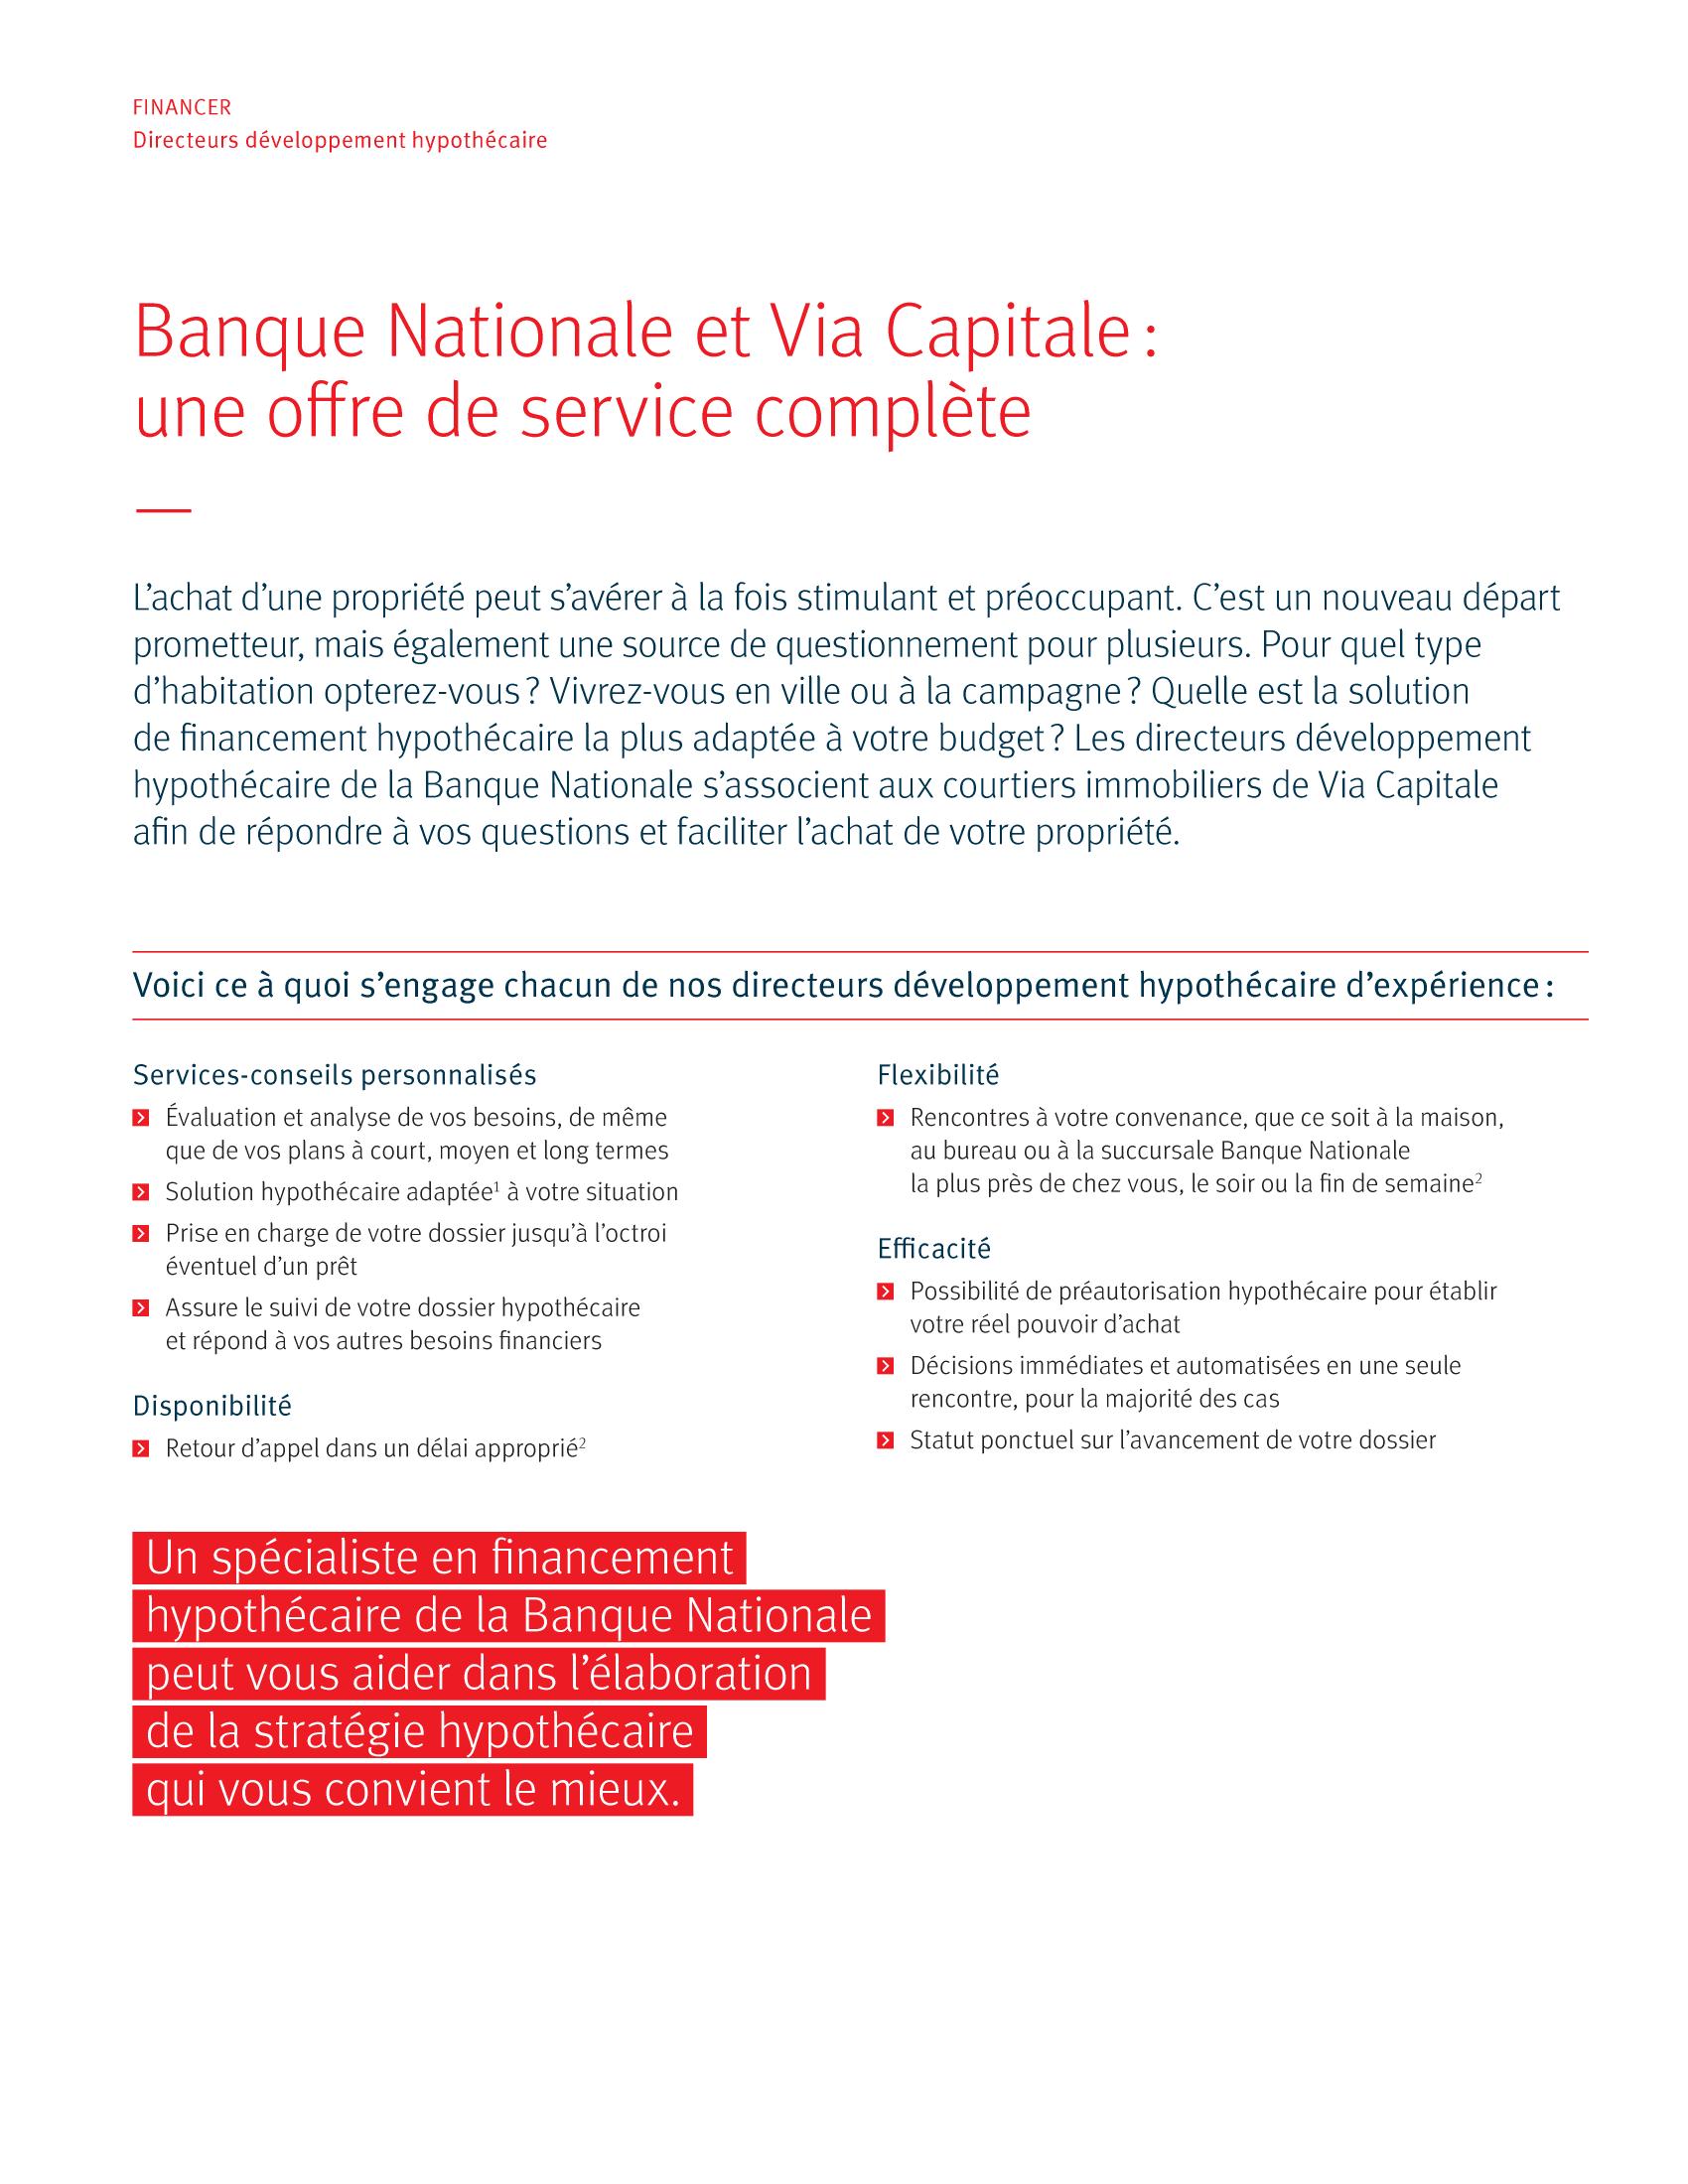 2 | Dépliant « Un partenariat riche en avantages » - Via Capitale